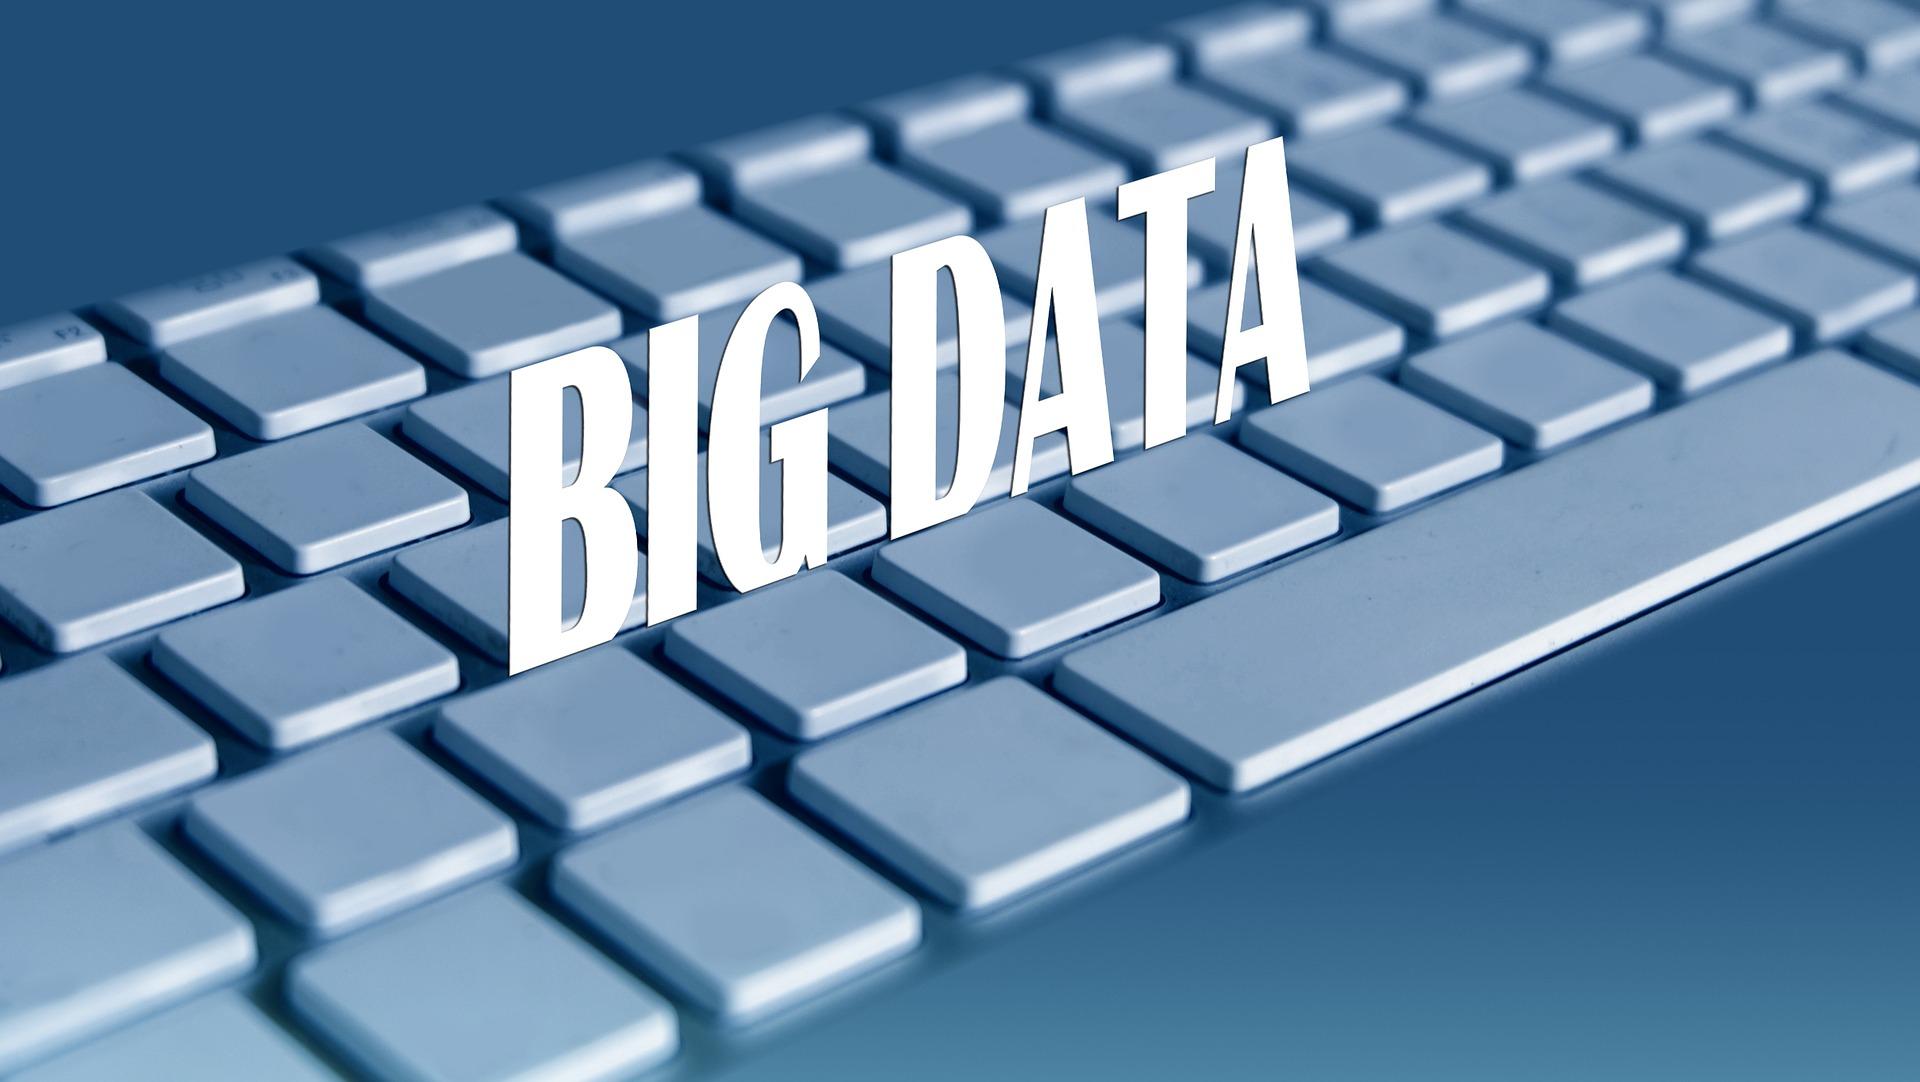 База данных — Разработка, настройка и внедрение SQL